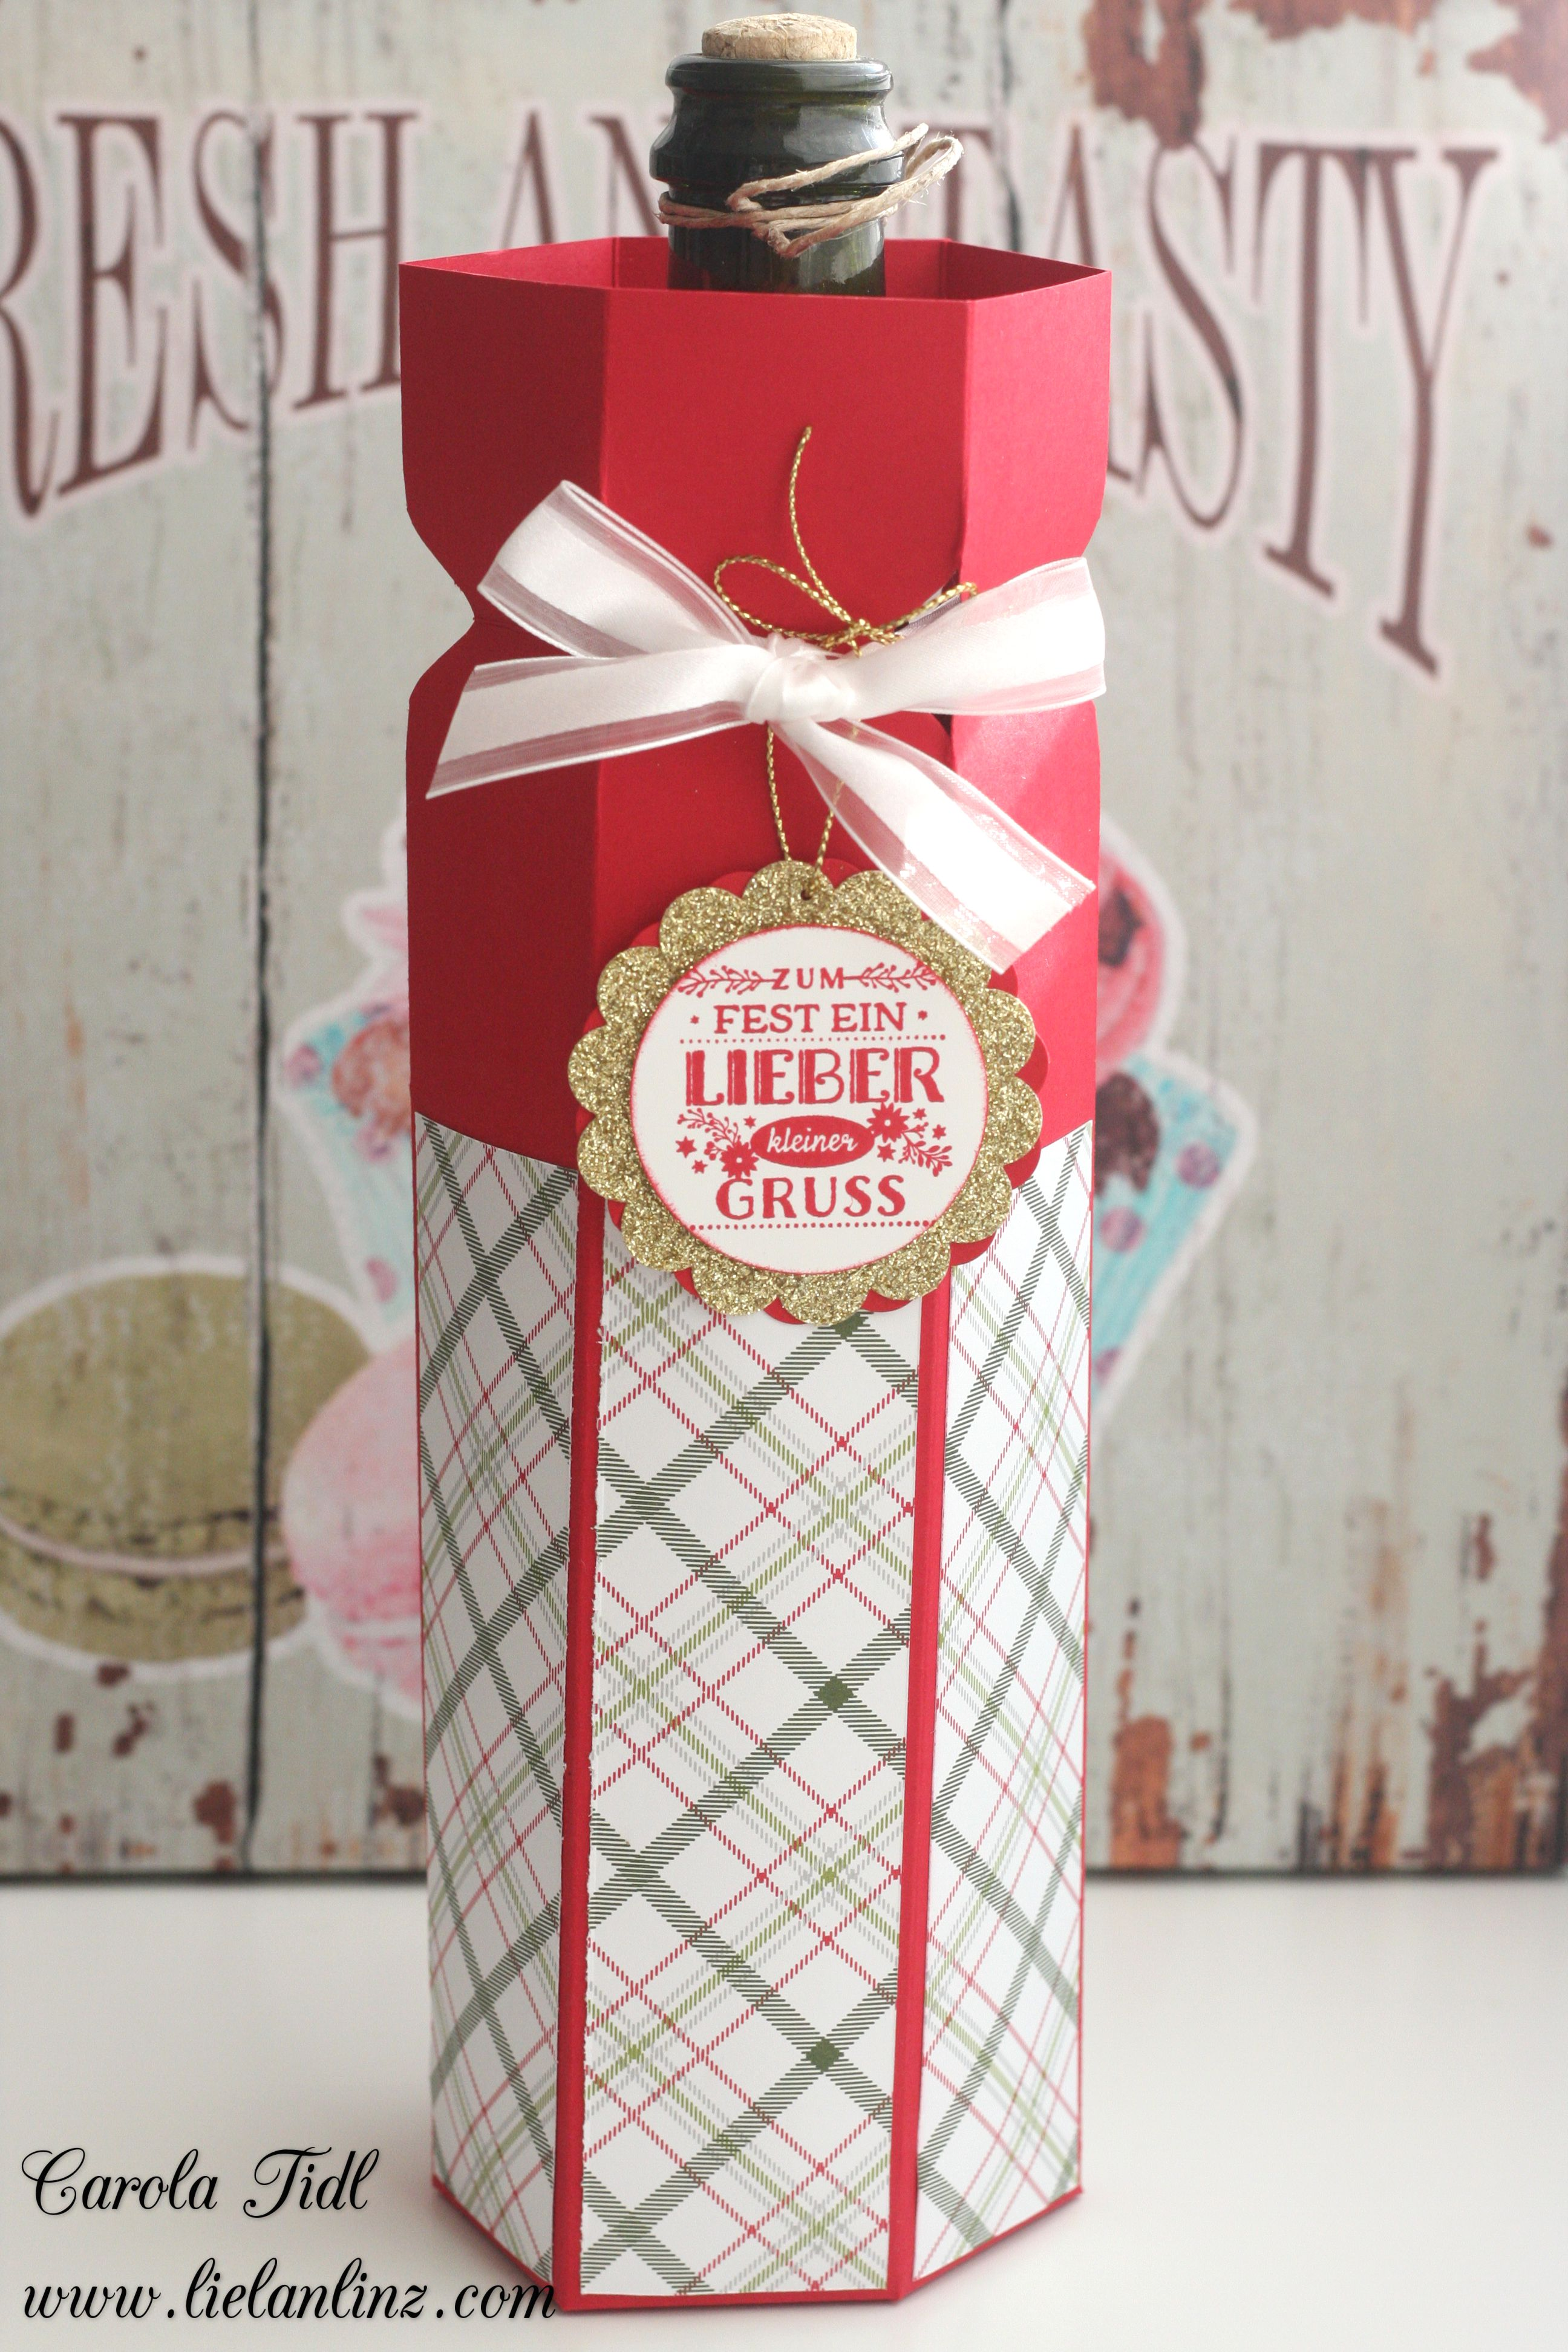 Flaschen Verpacken Cool Flasche Als Geschenk Verpacken Geburtstag